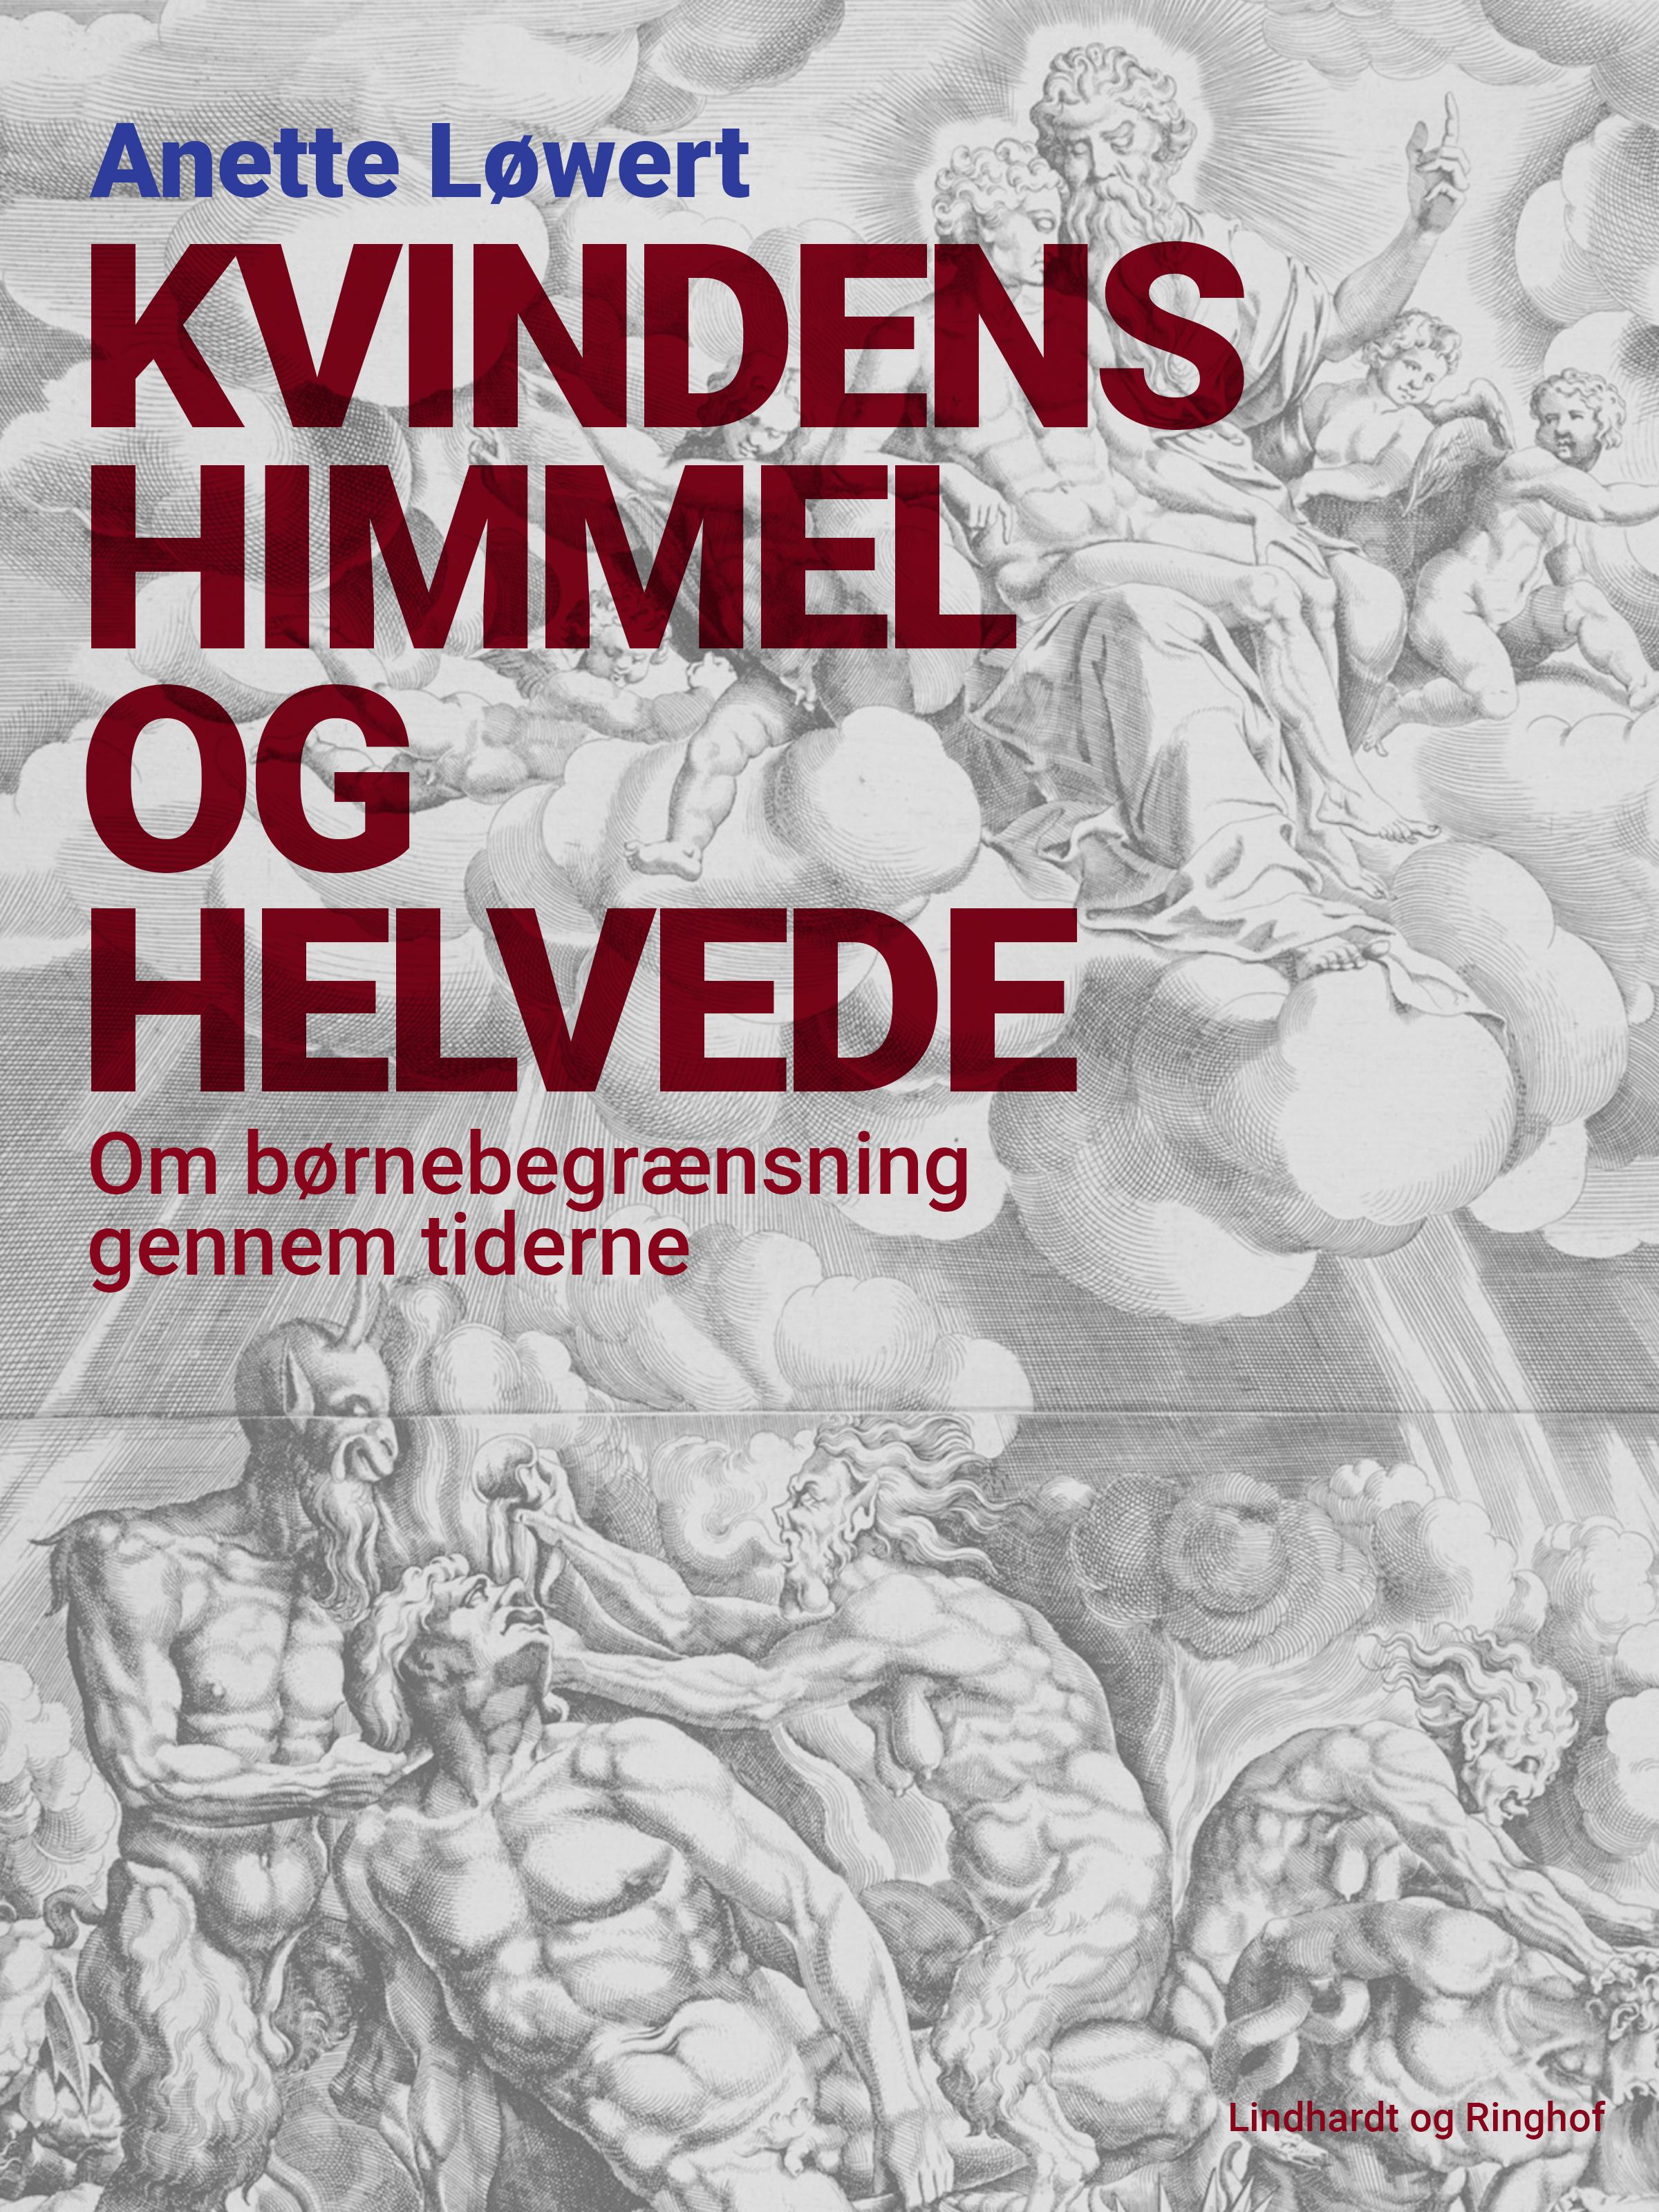 Kvindens himmel og helvede: om børnebegrænsning gennem tiderne - e-bog fra N/A på bog & mystik